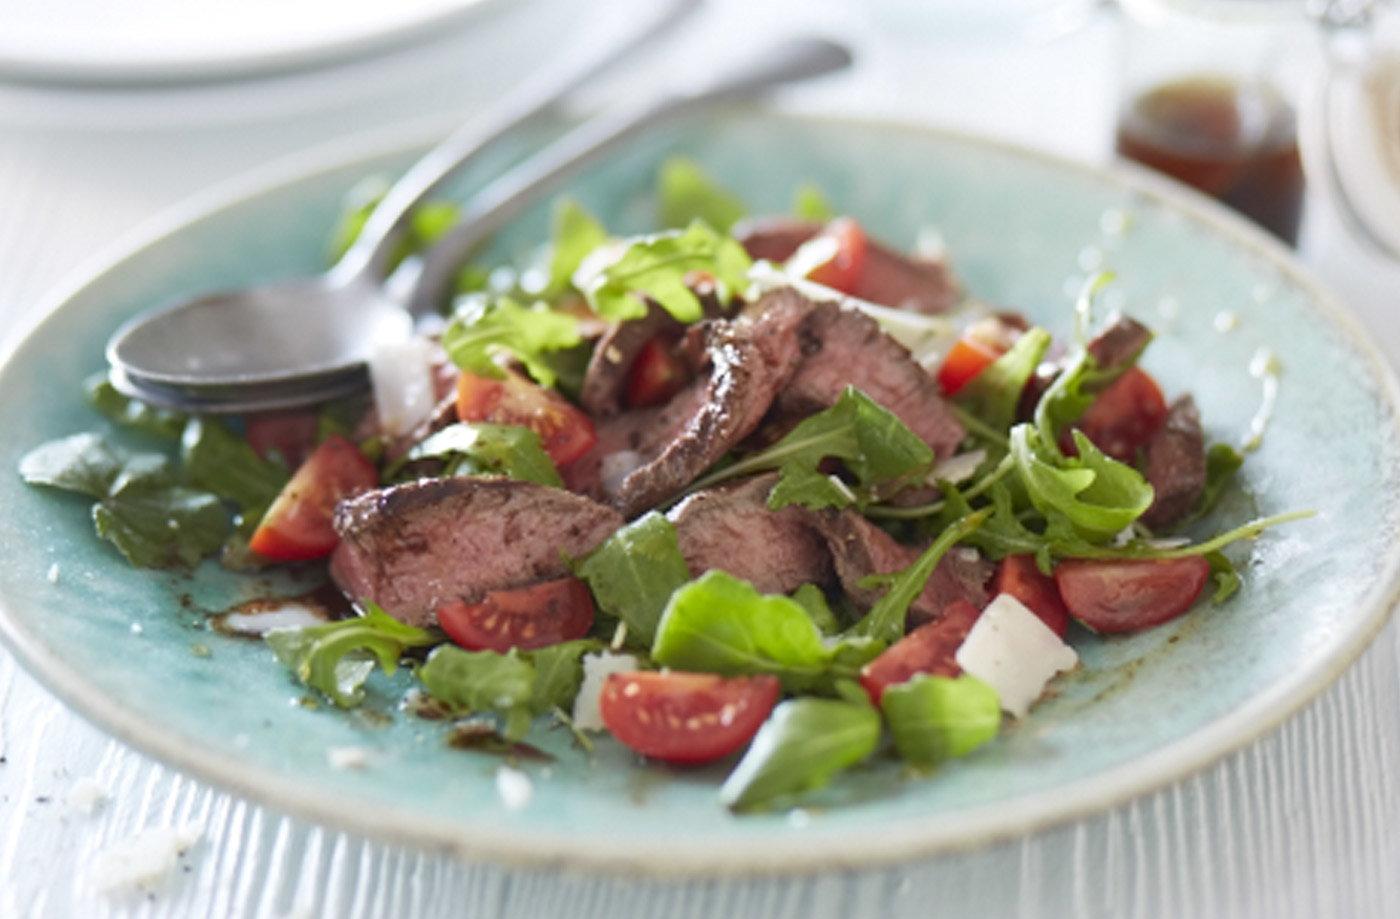 Resep Steak Sehat